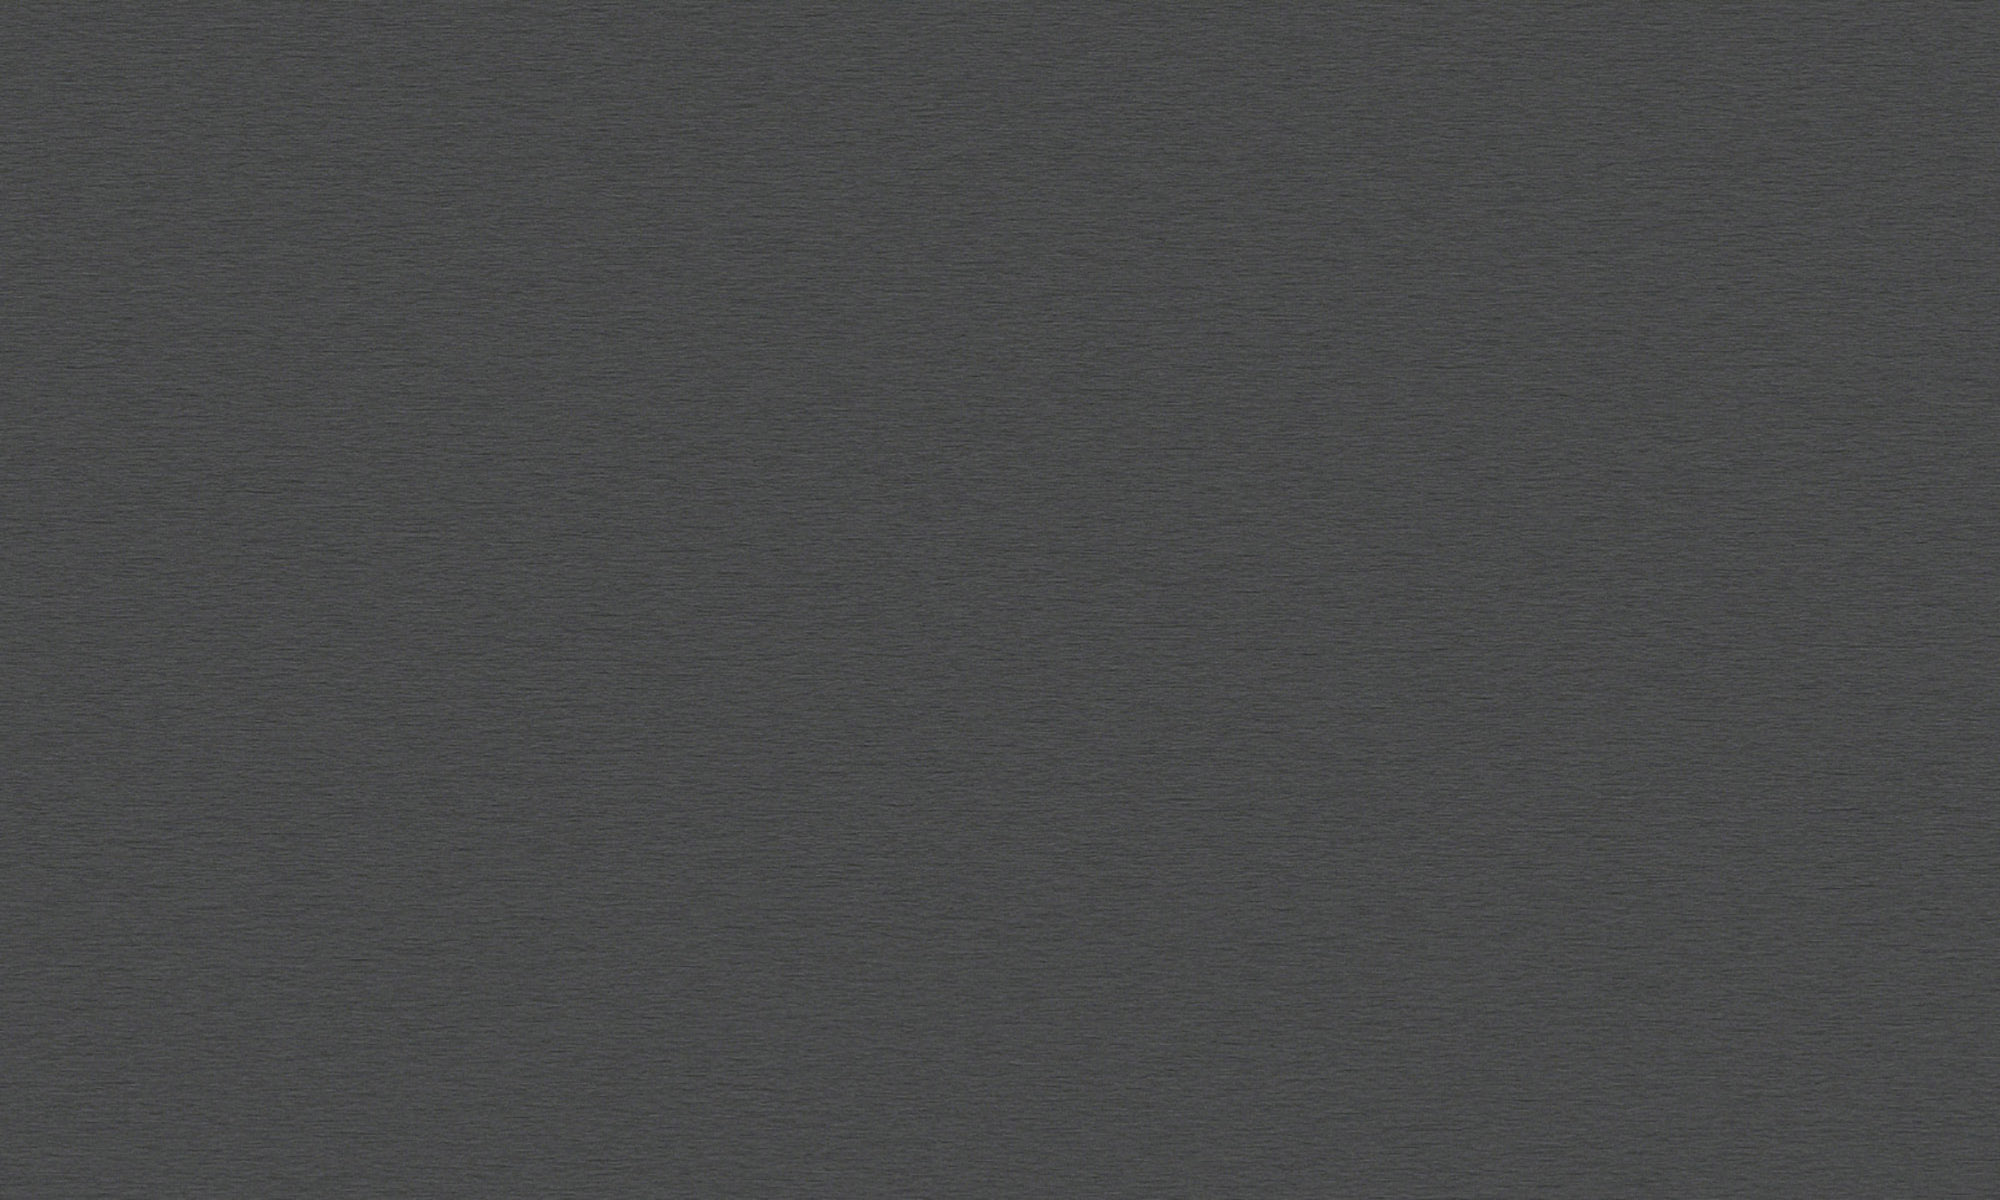 D4453 VL Titan Anthracite